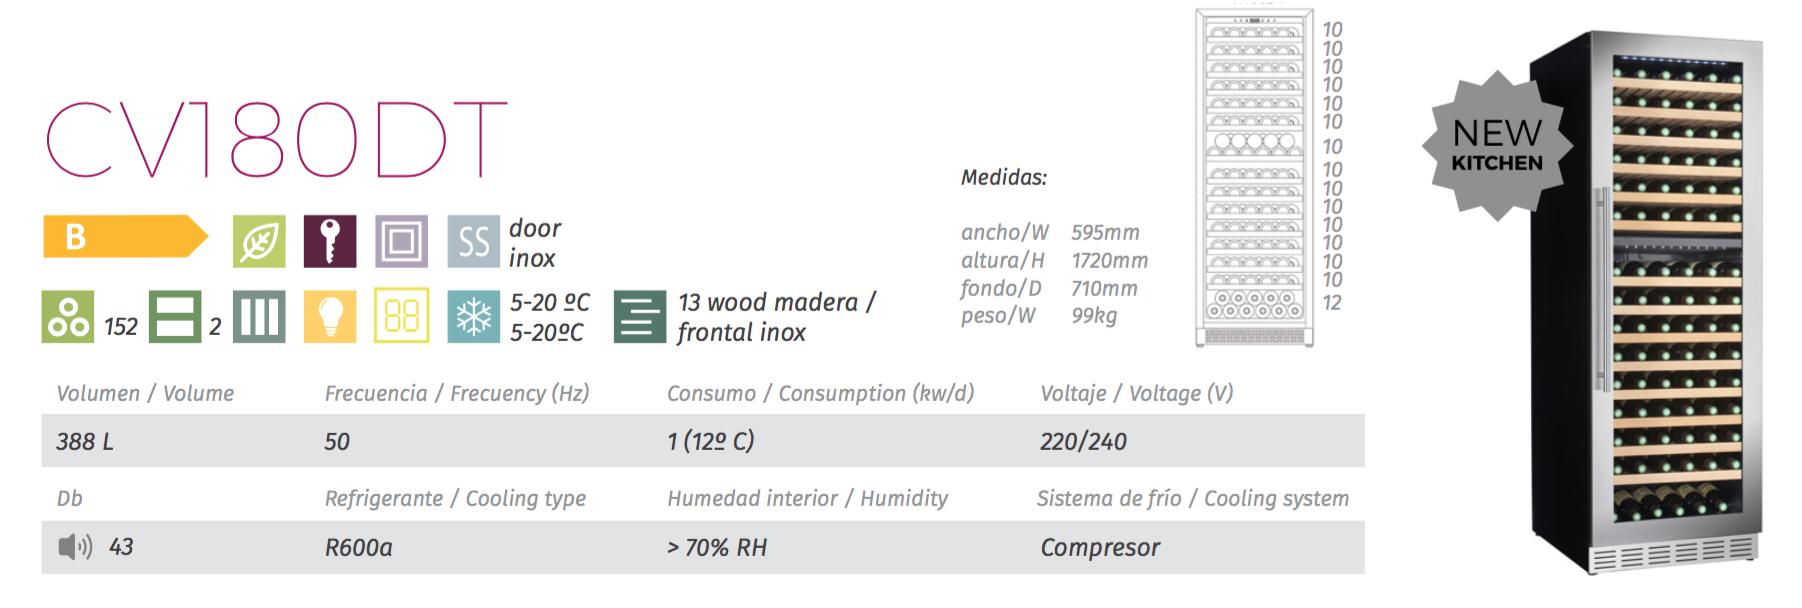 vinoteca cavanova CV180DT tabla caracteristicas